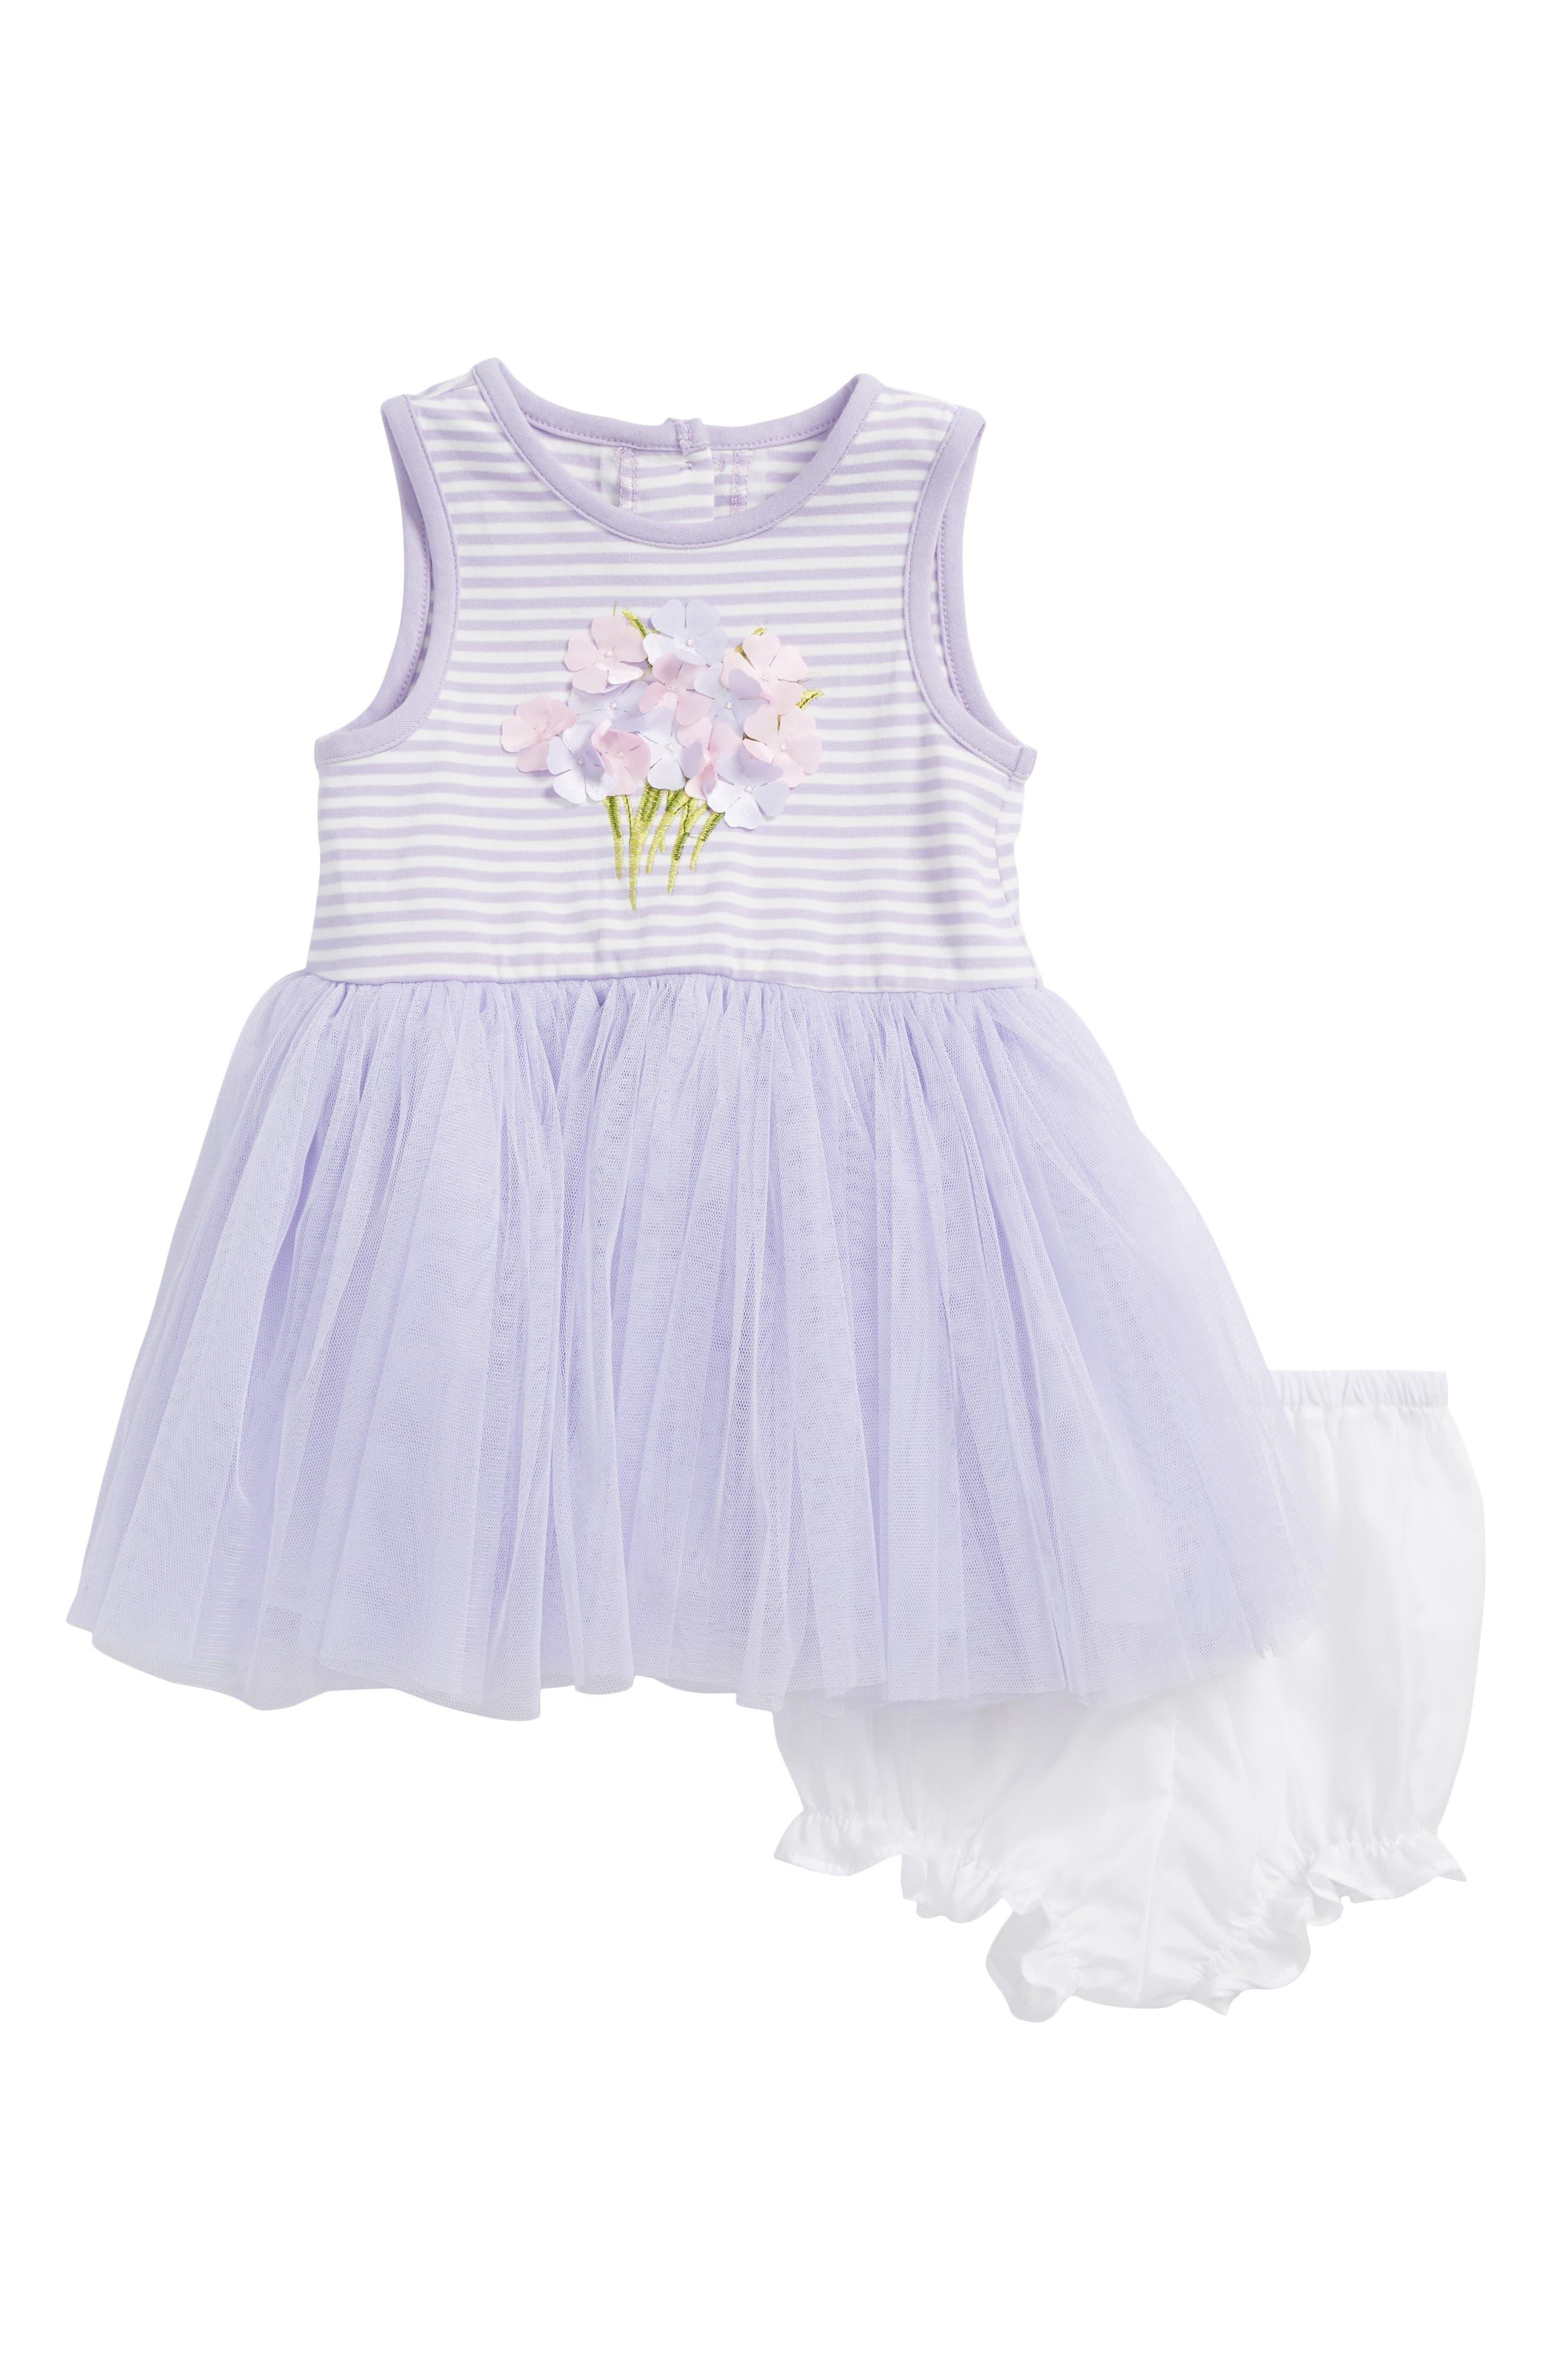 Bouquet Tutu Dress,                         Main,                         color, Lavender/ White